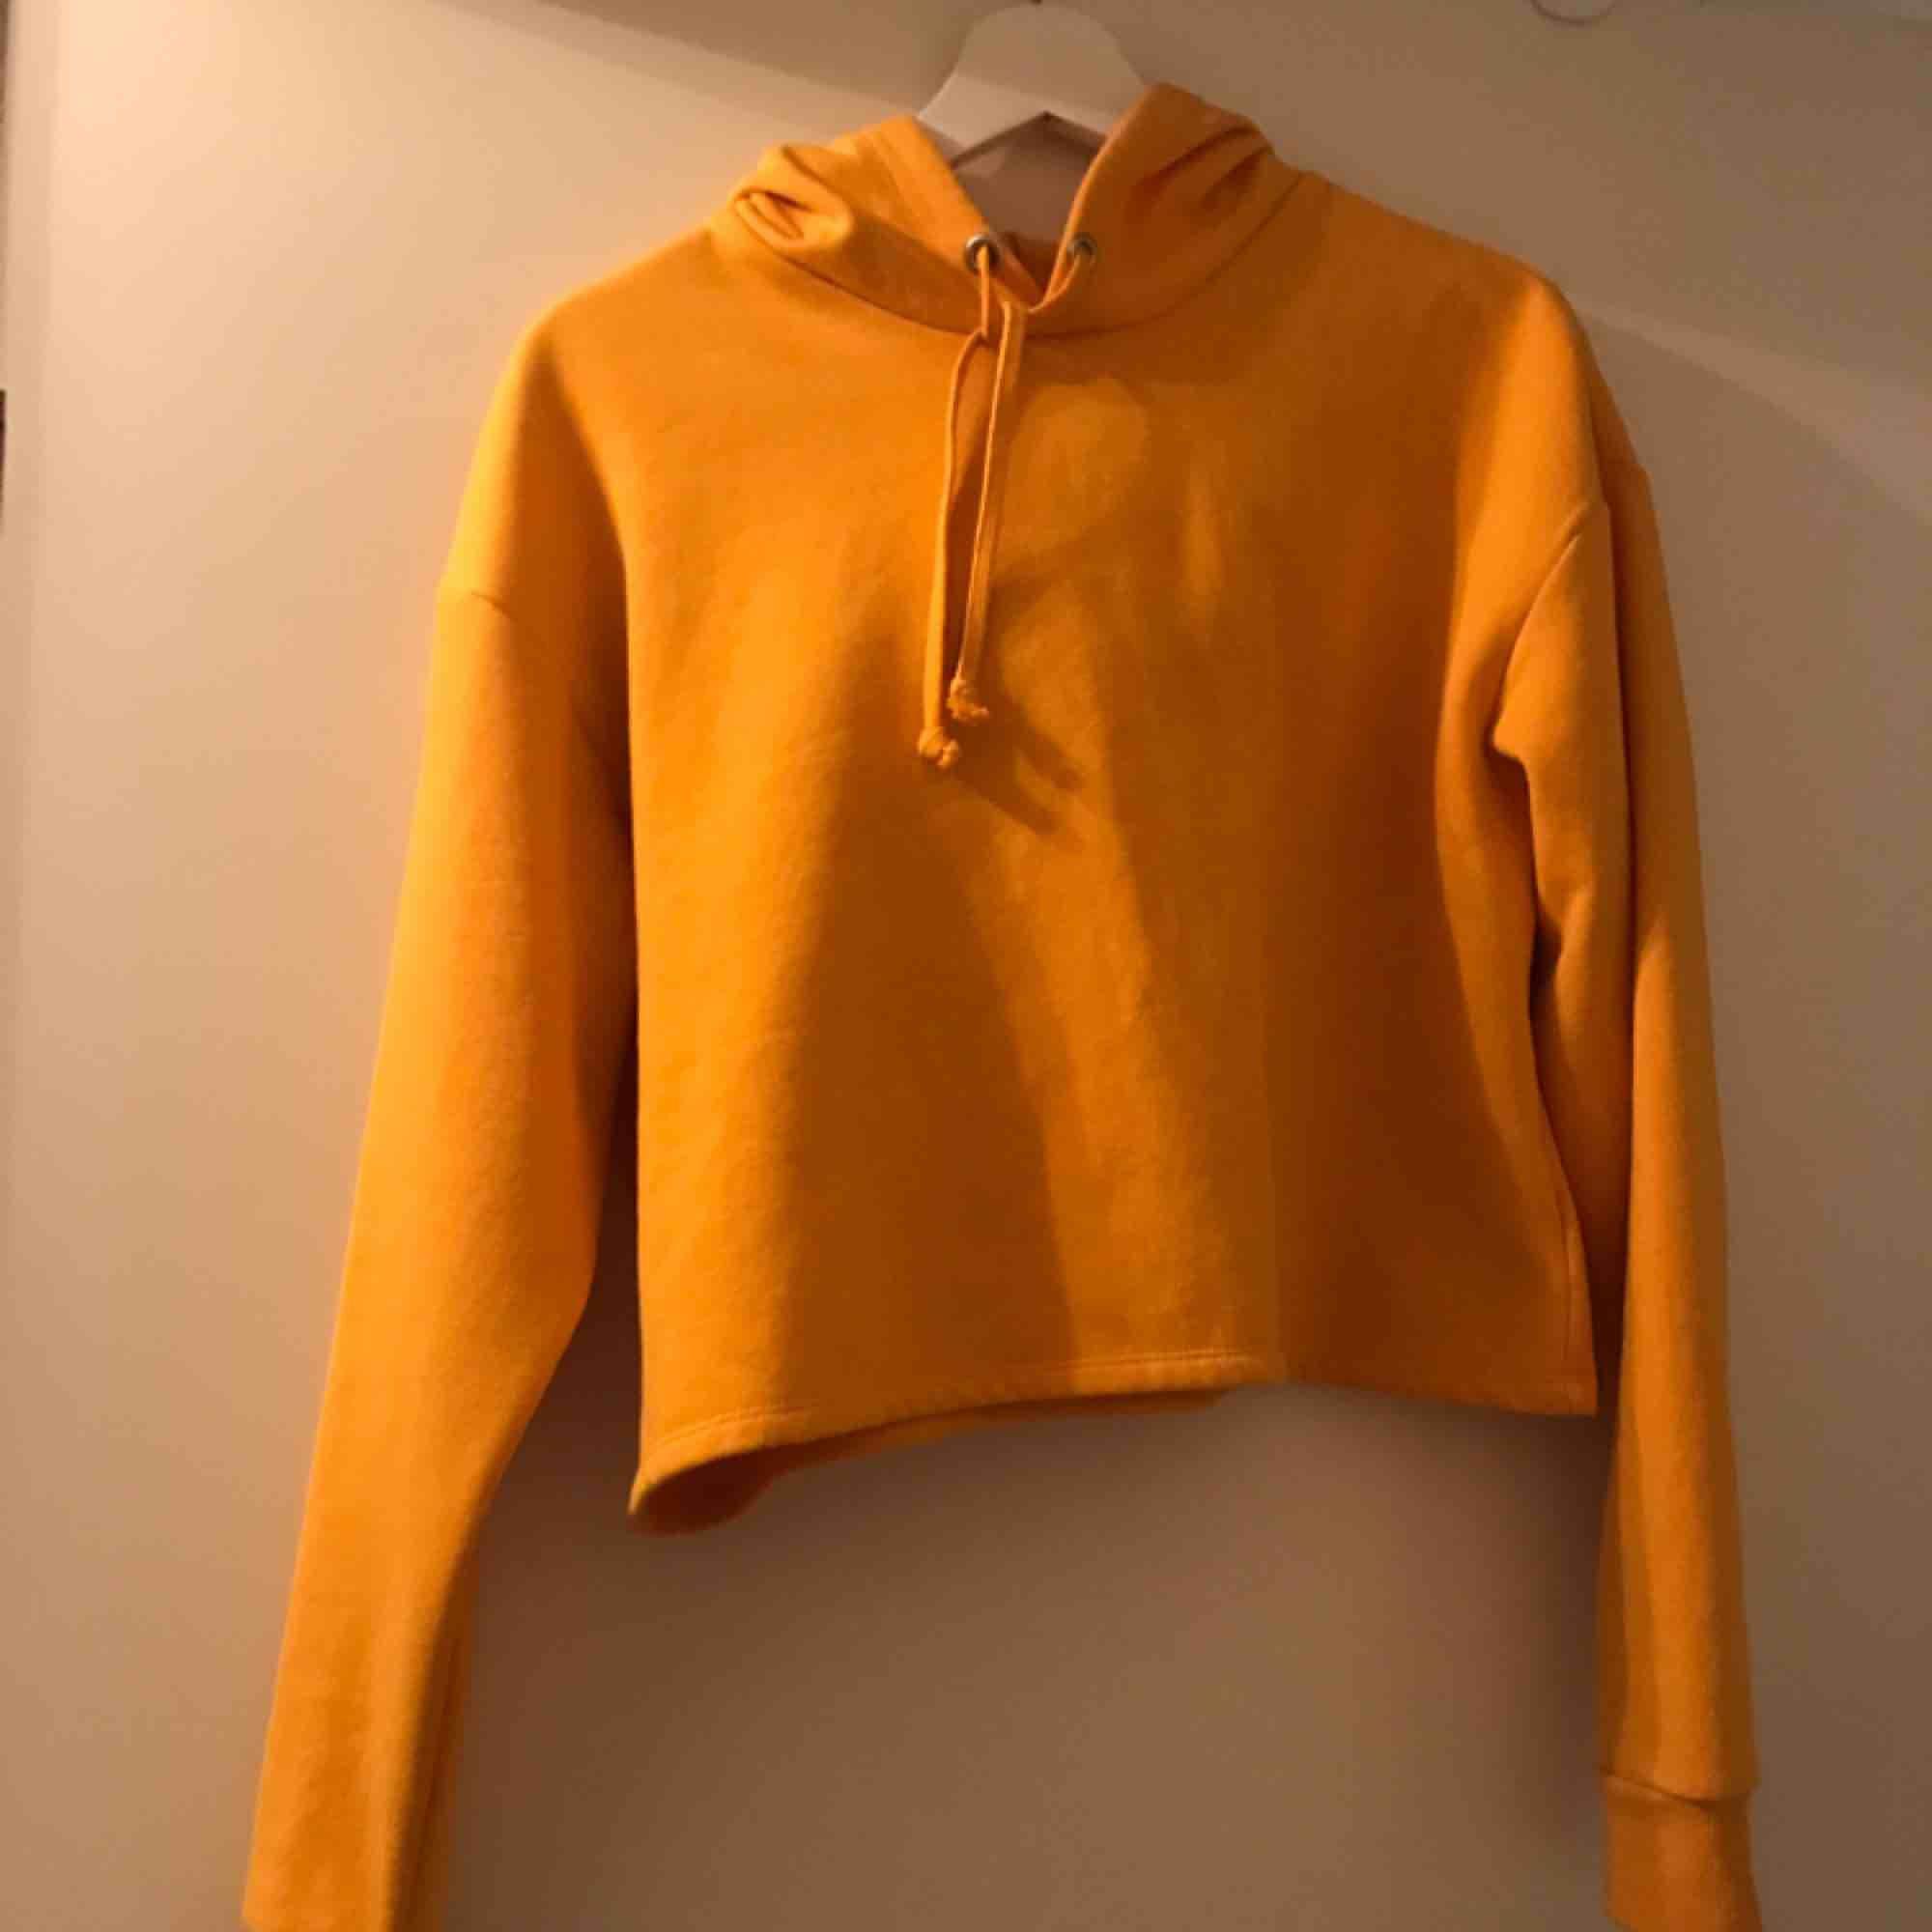 Croppad hoodie, nästan aldrig använd, mjukt tyg inuti, Från HM, jättemysig:) frakt tillkommer. Tröjor & Koftor.